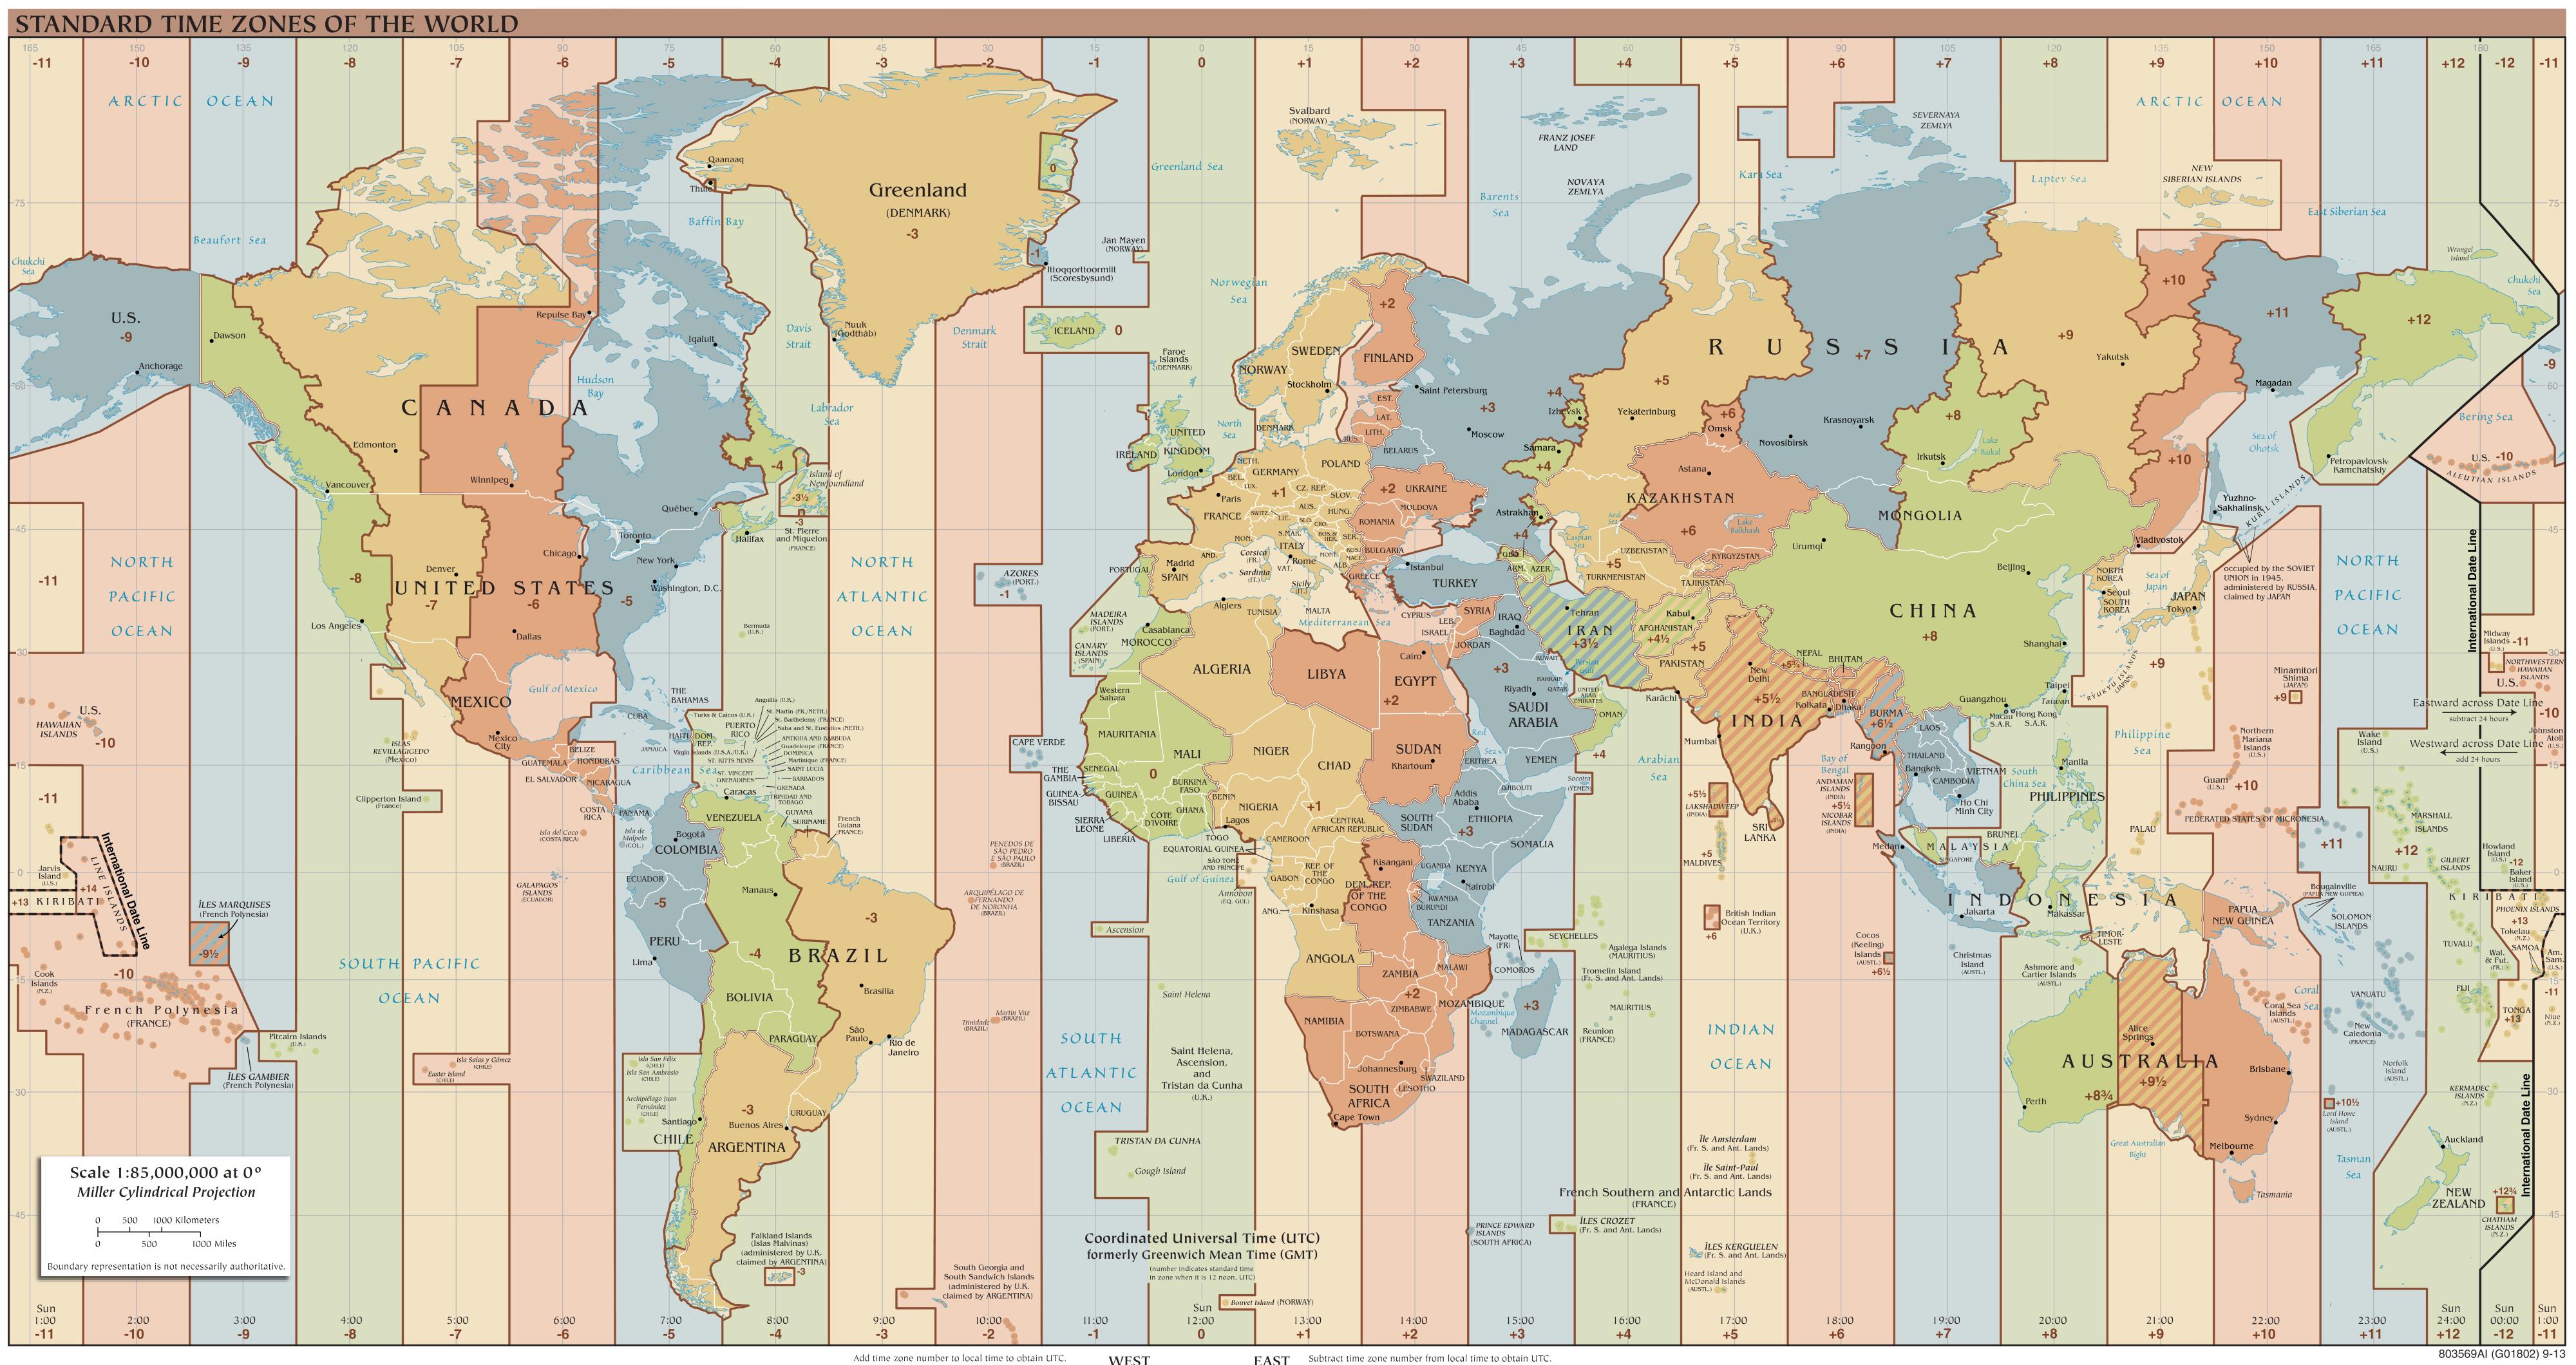 Mappa mondiale dei fusi orari